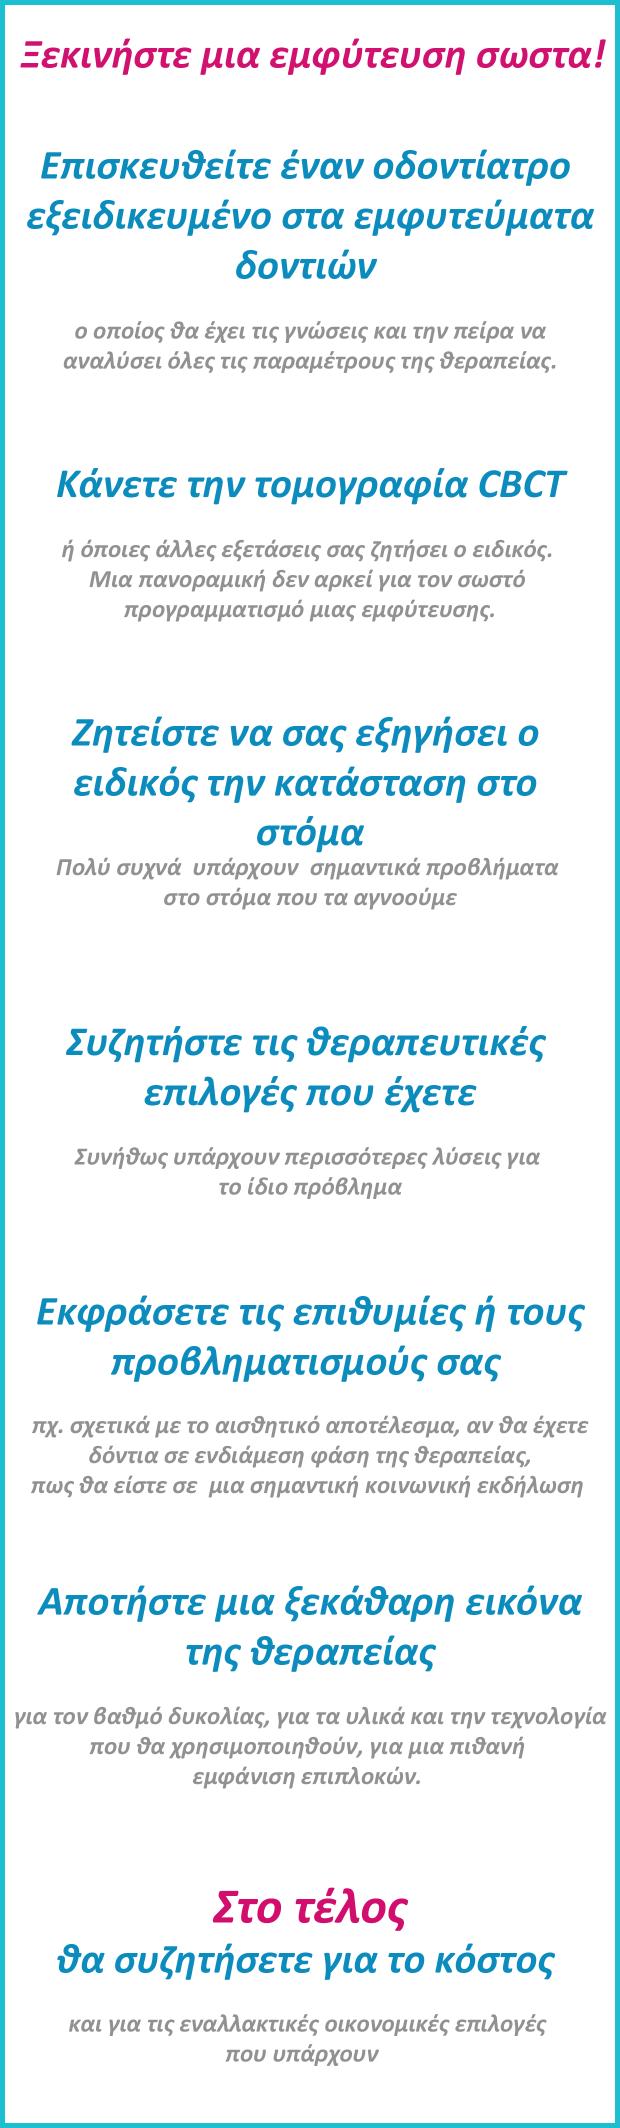 emfyteymata-dontion-kostos